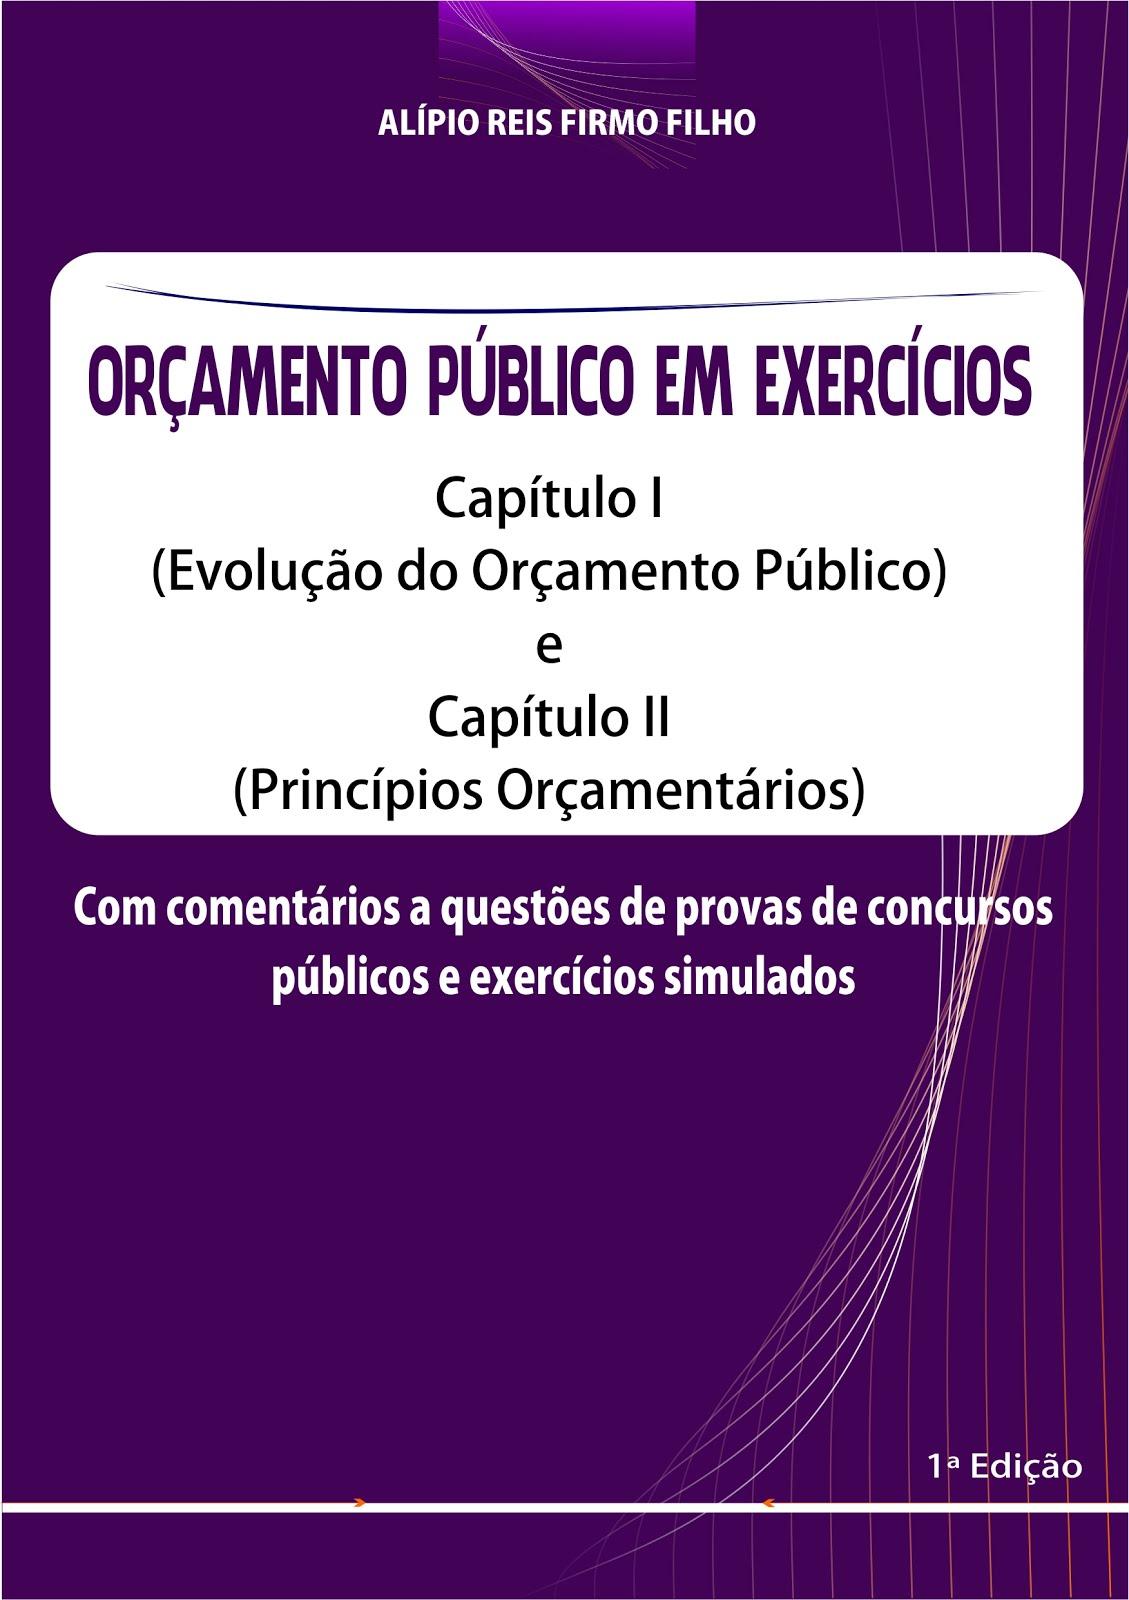 ORÇAMENTO PÚBLICO EM EXERCÍCIOS